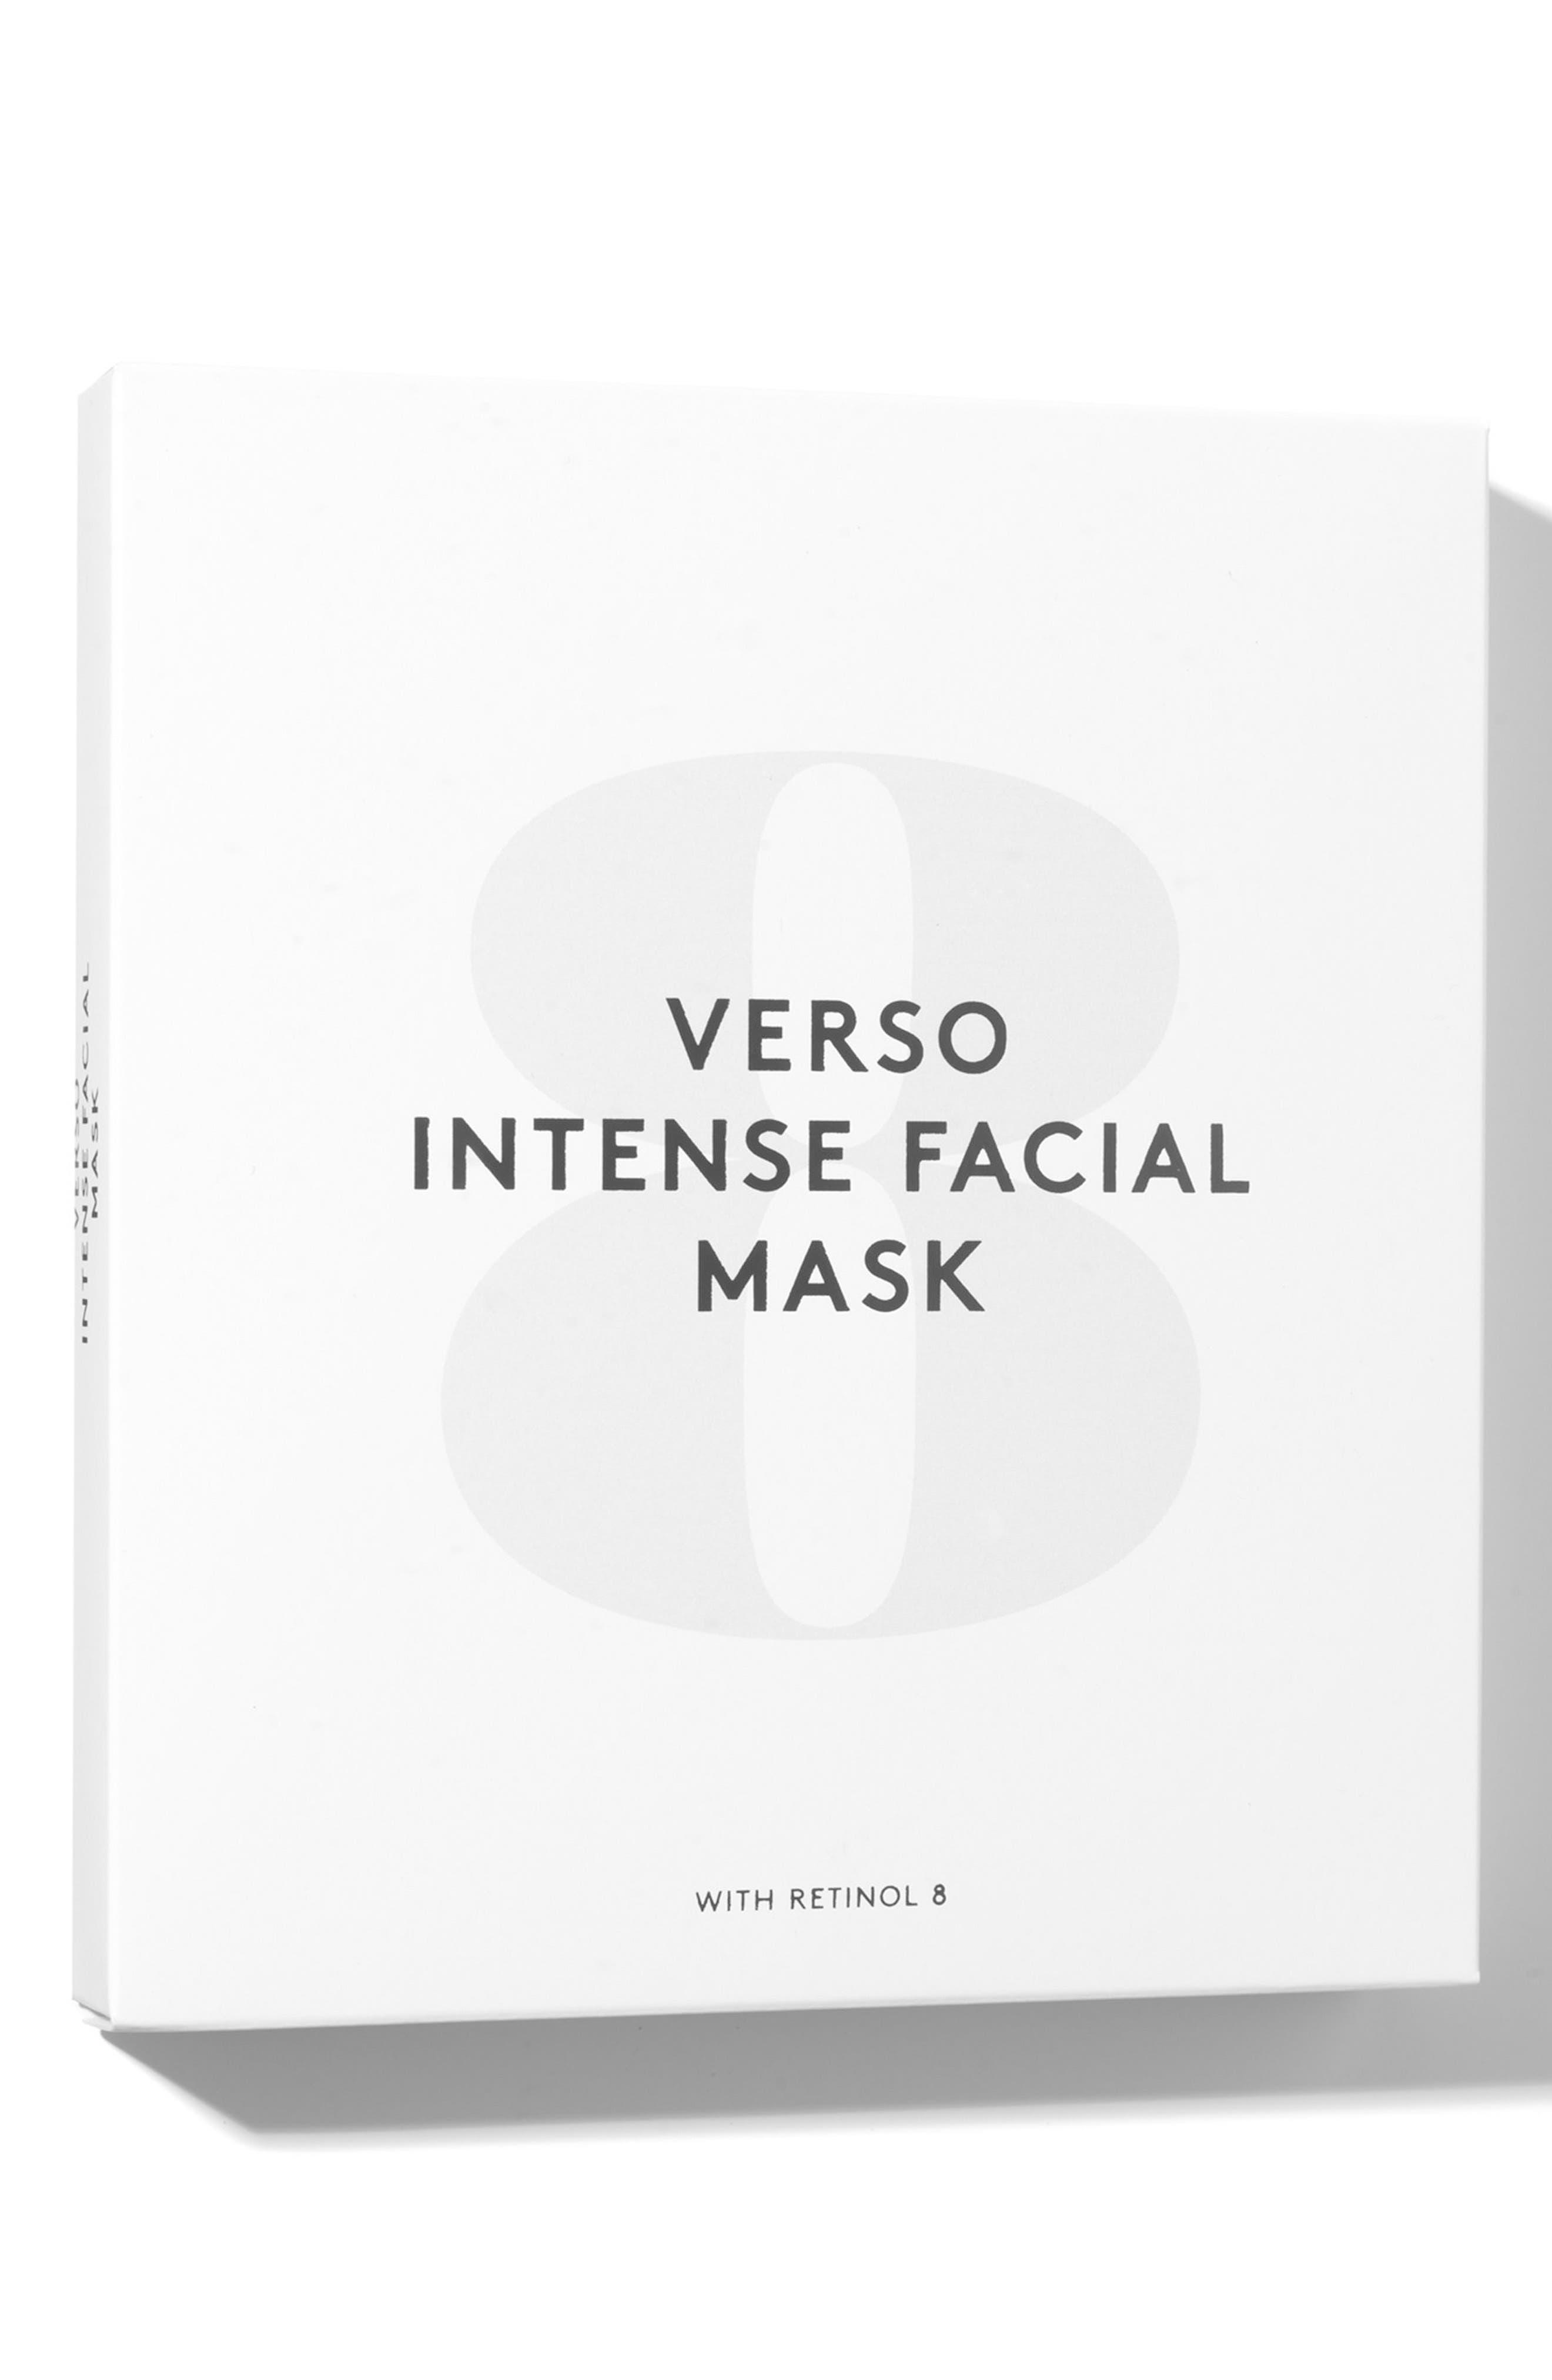 VERSO,                             SPACE.NK.apothecary Verso Skincare Intense Facial Mask,                             Alternate thumbnail 2, color,                             NO COLOR